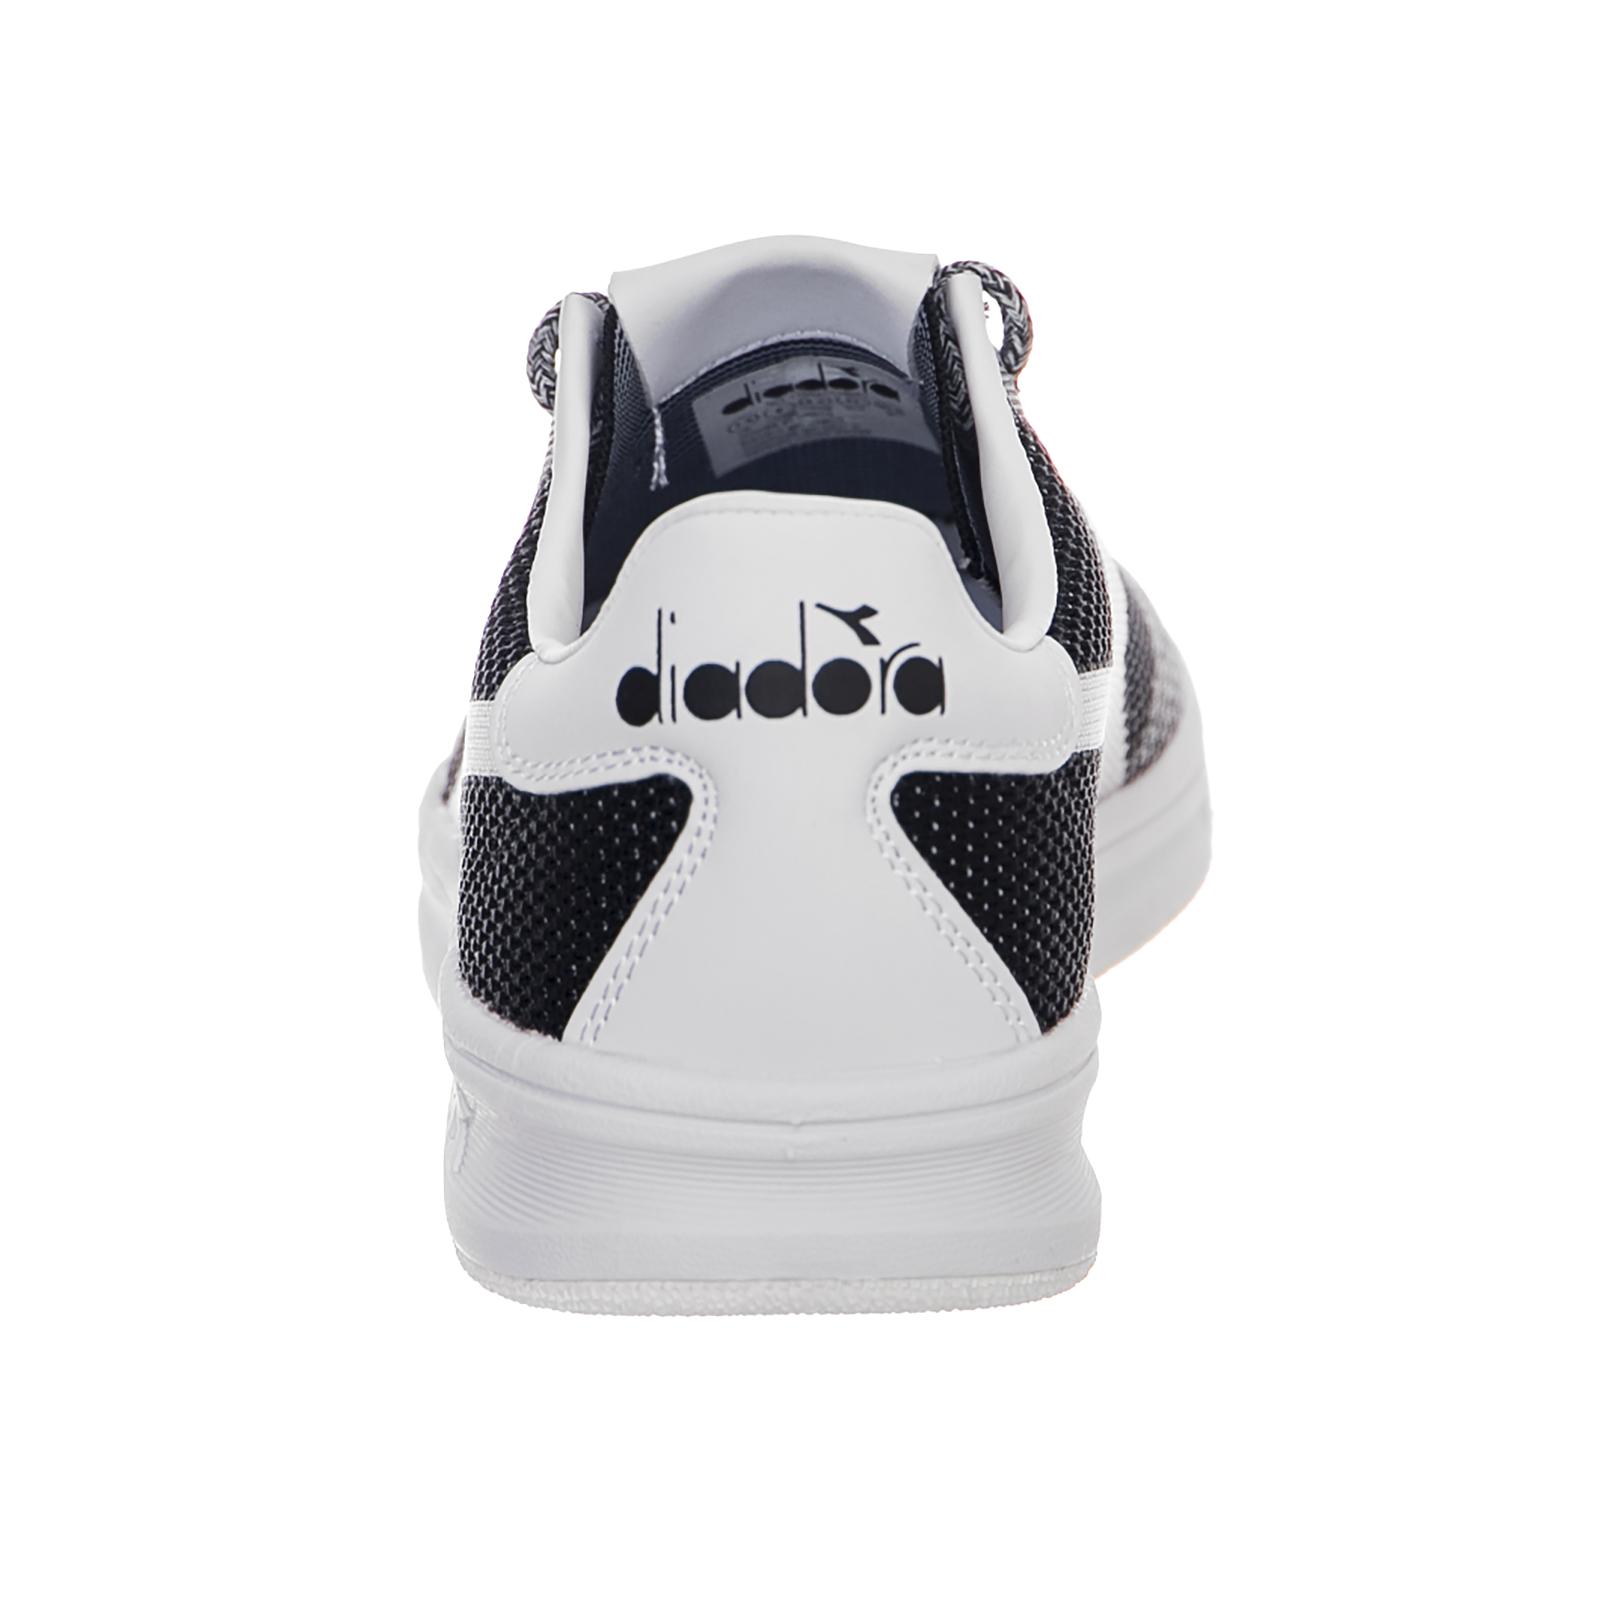 best website 213ac 88525 ... Nike Air Air Air Max 97 Plus Tune up Hybrid Black white AH8144 001  7b2f81 ...